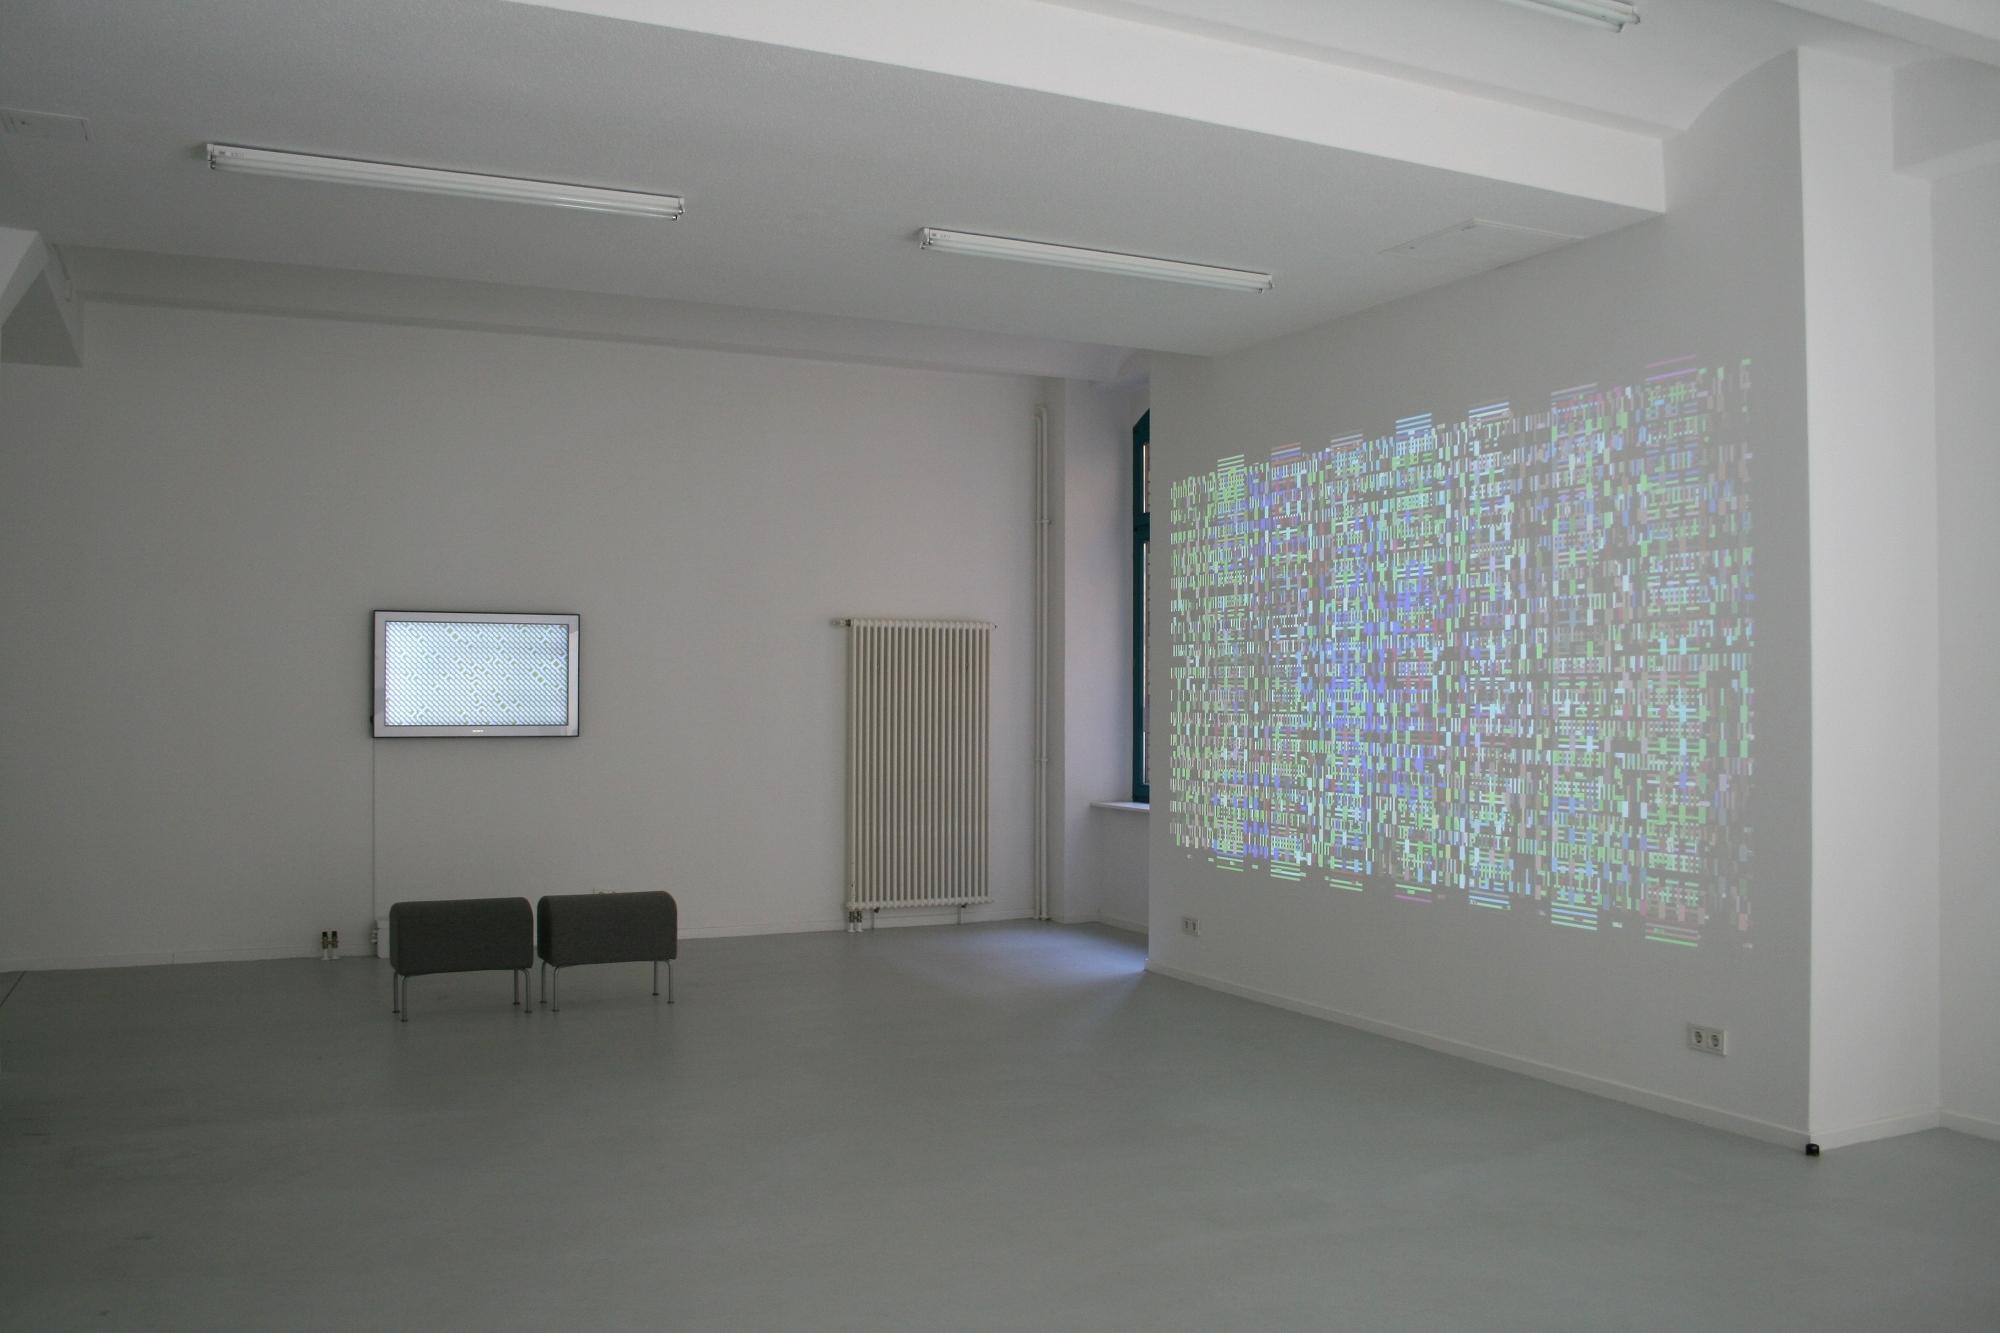 Casey Reas, Century, 2012, Ausstellungsansicht